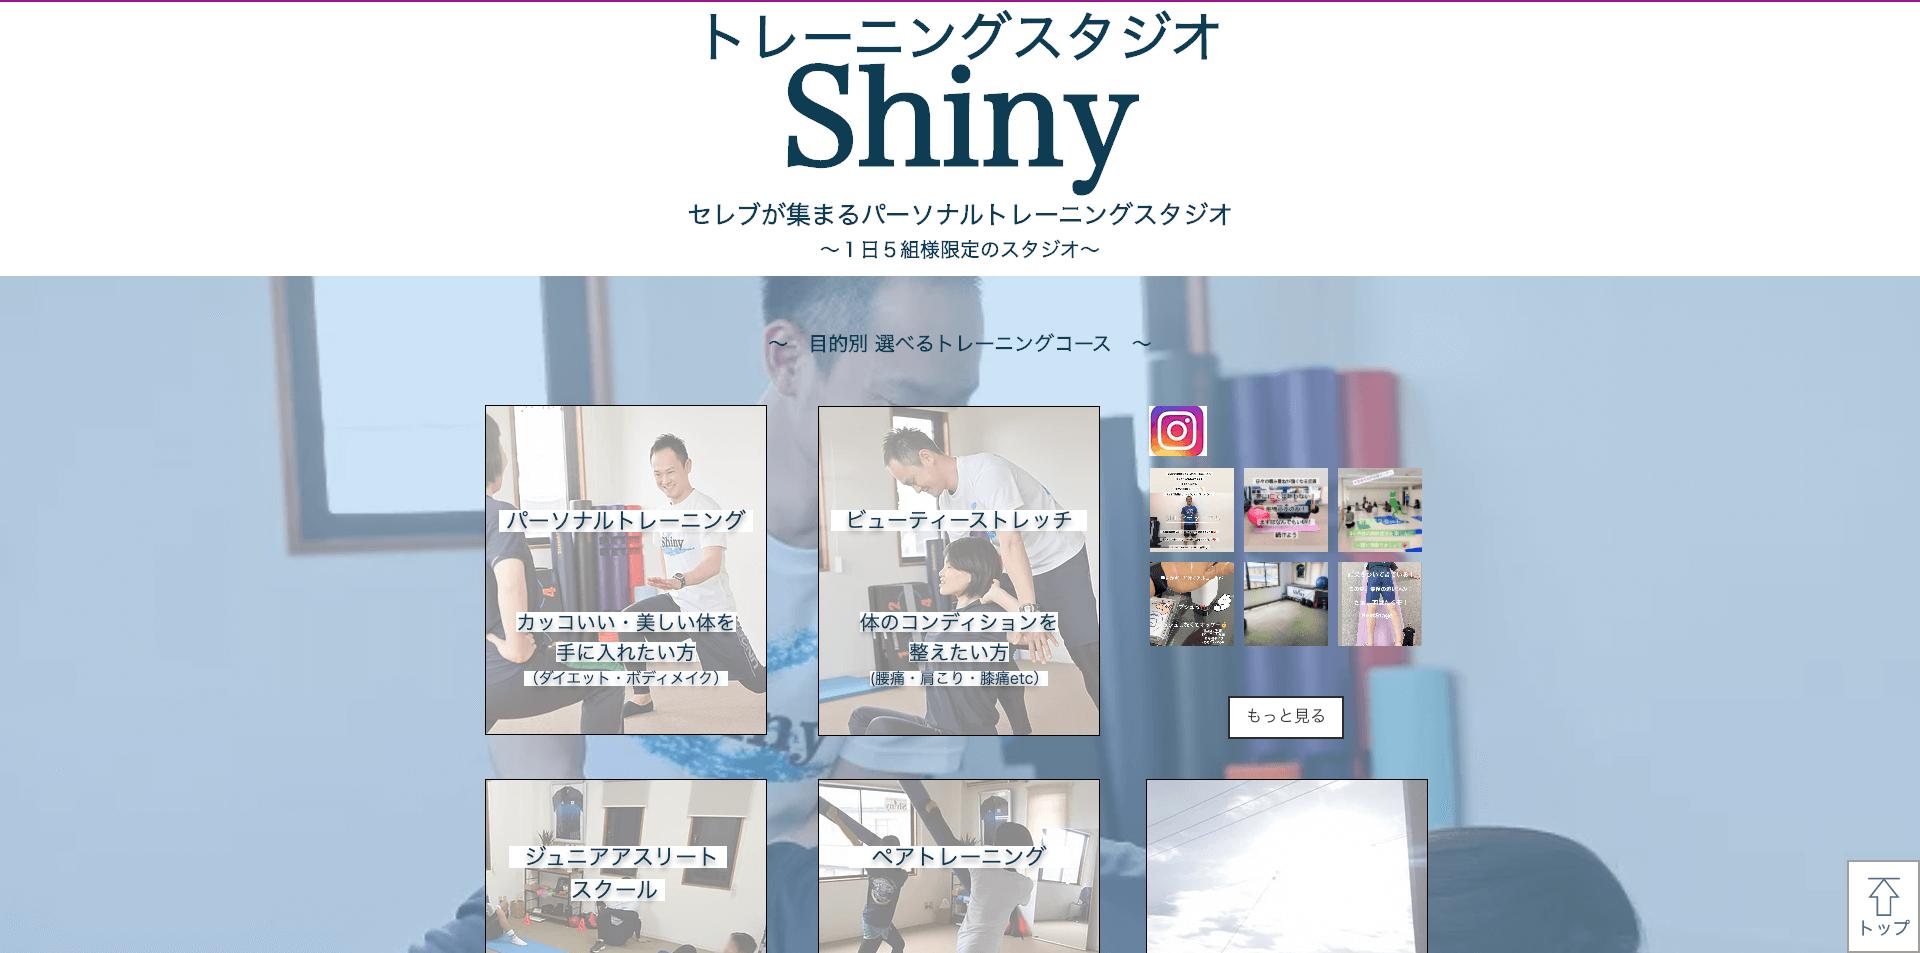 トレーニングスタジオShiny